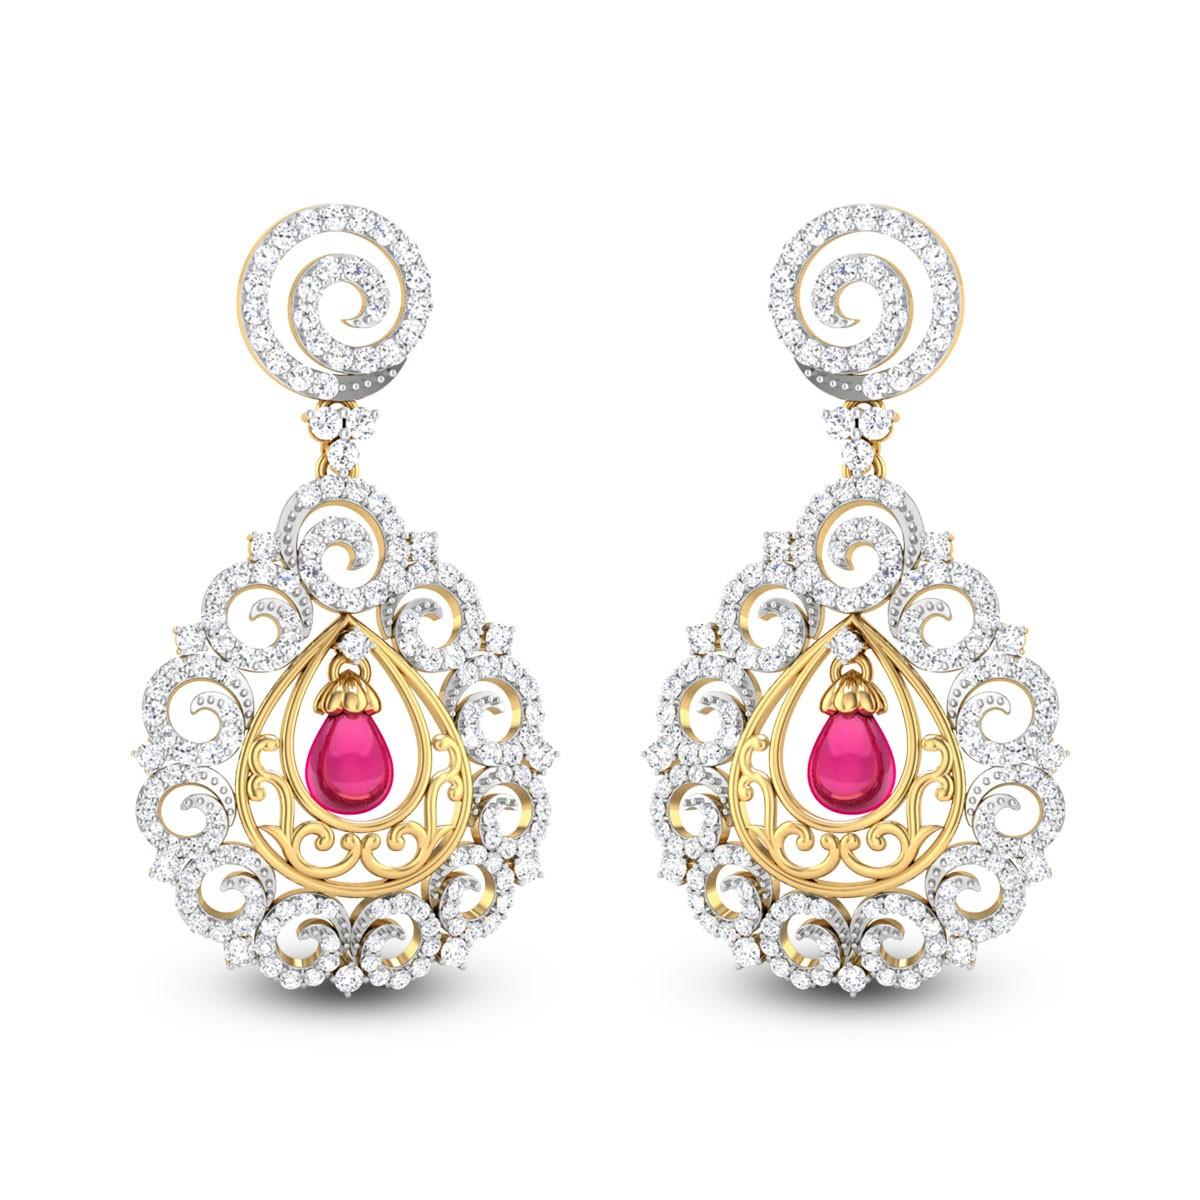 Blanchefleur Diamond Earrings